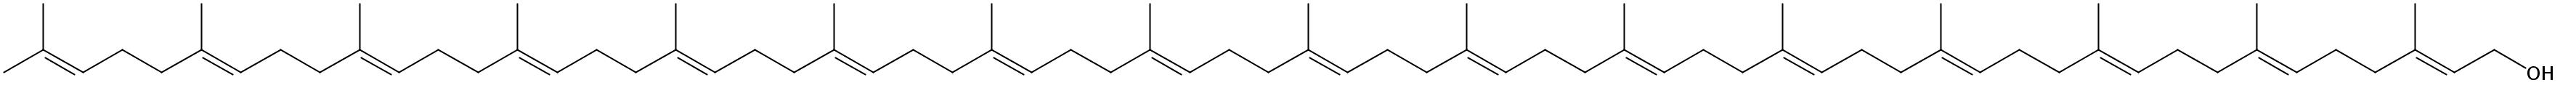 Hexadecaprenol